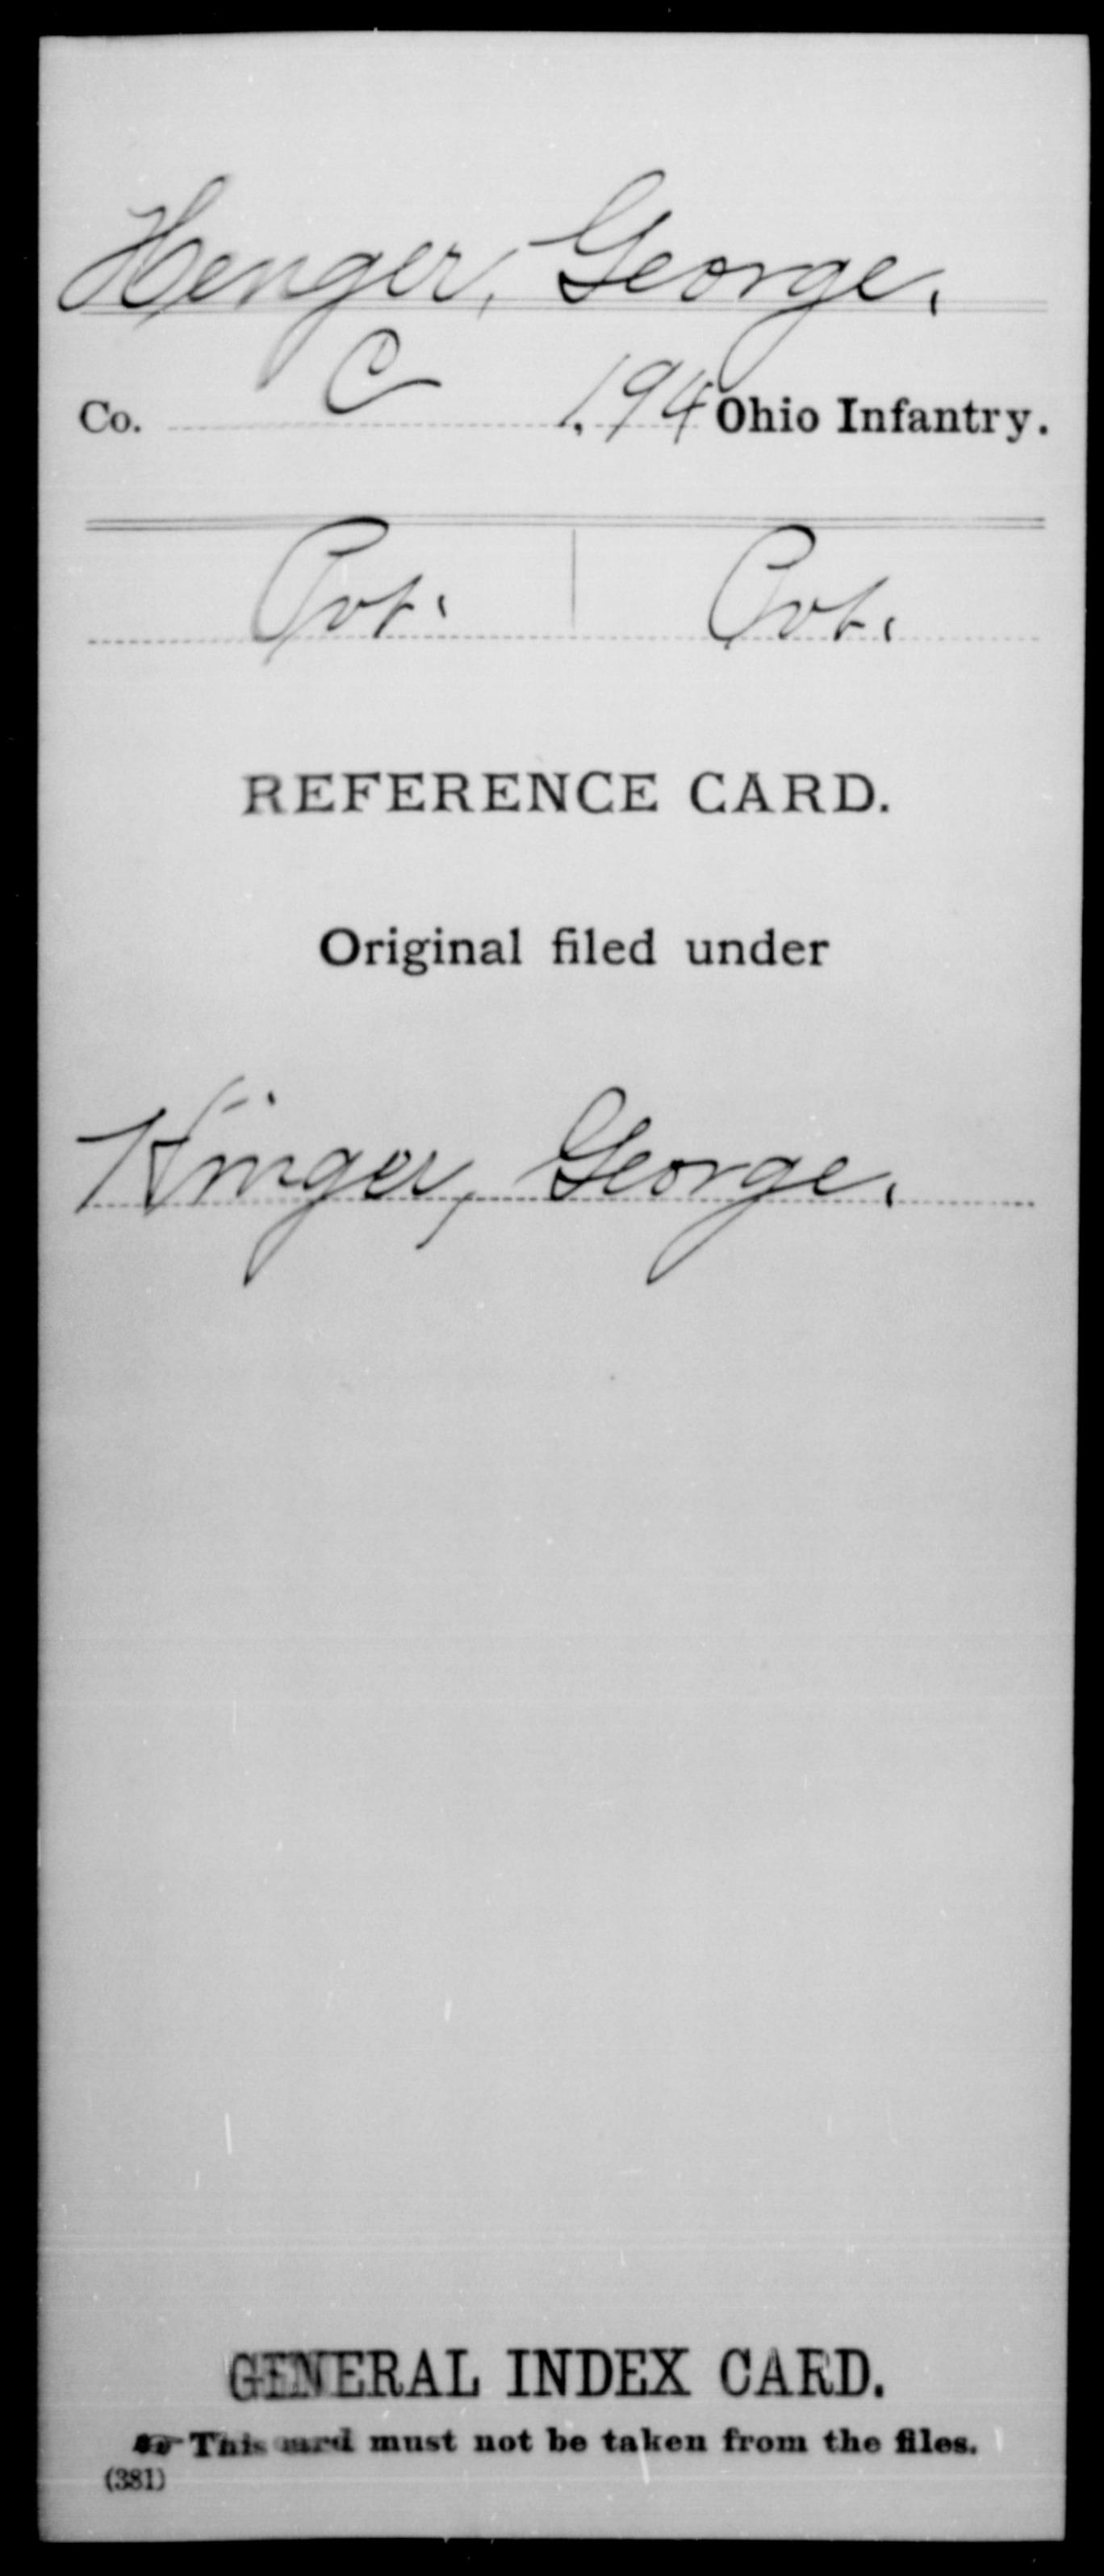 [Ohio] Henger, George - 194th Infantry, Company C